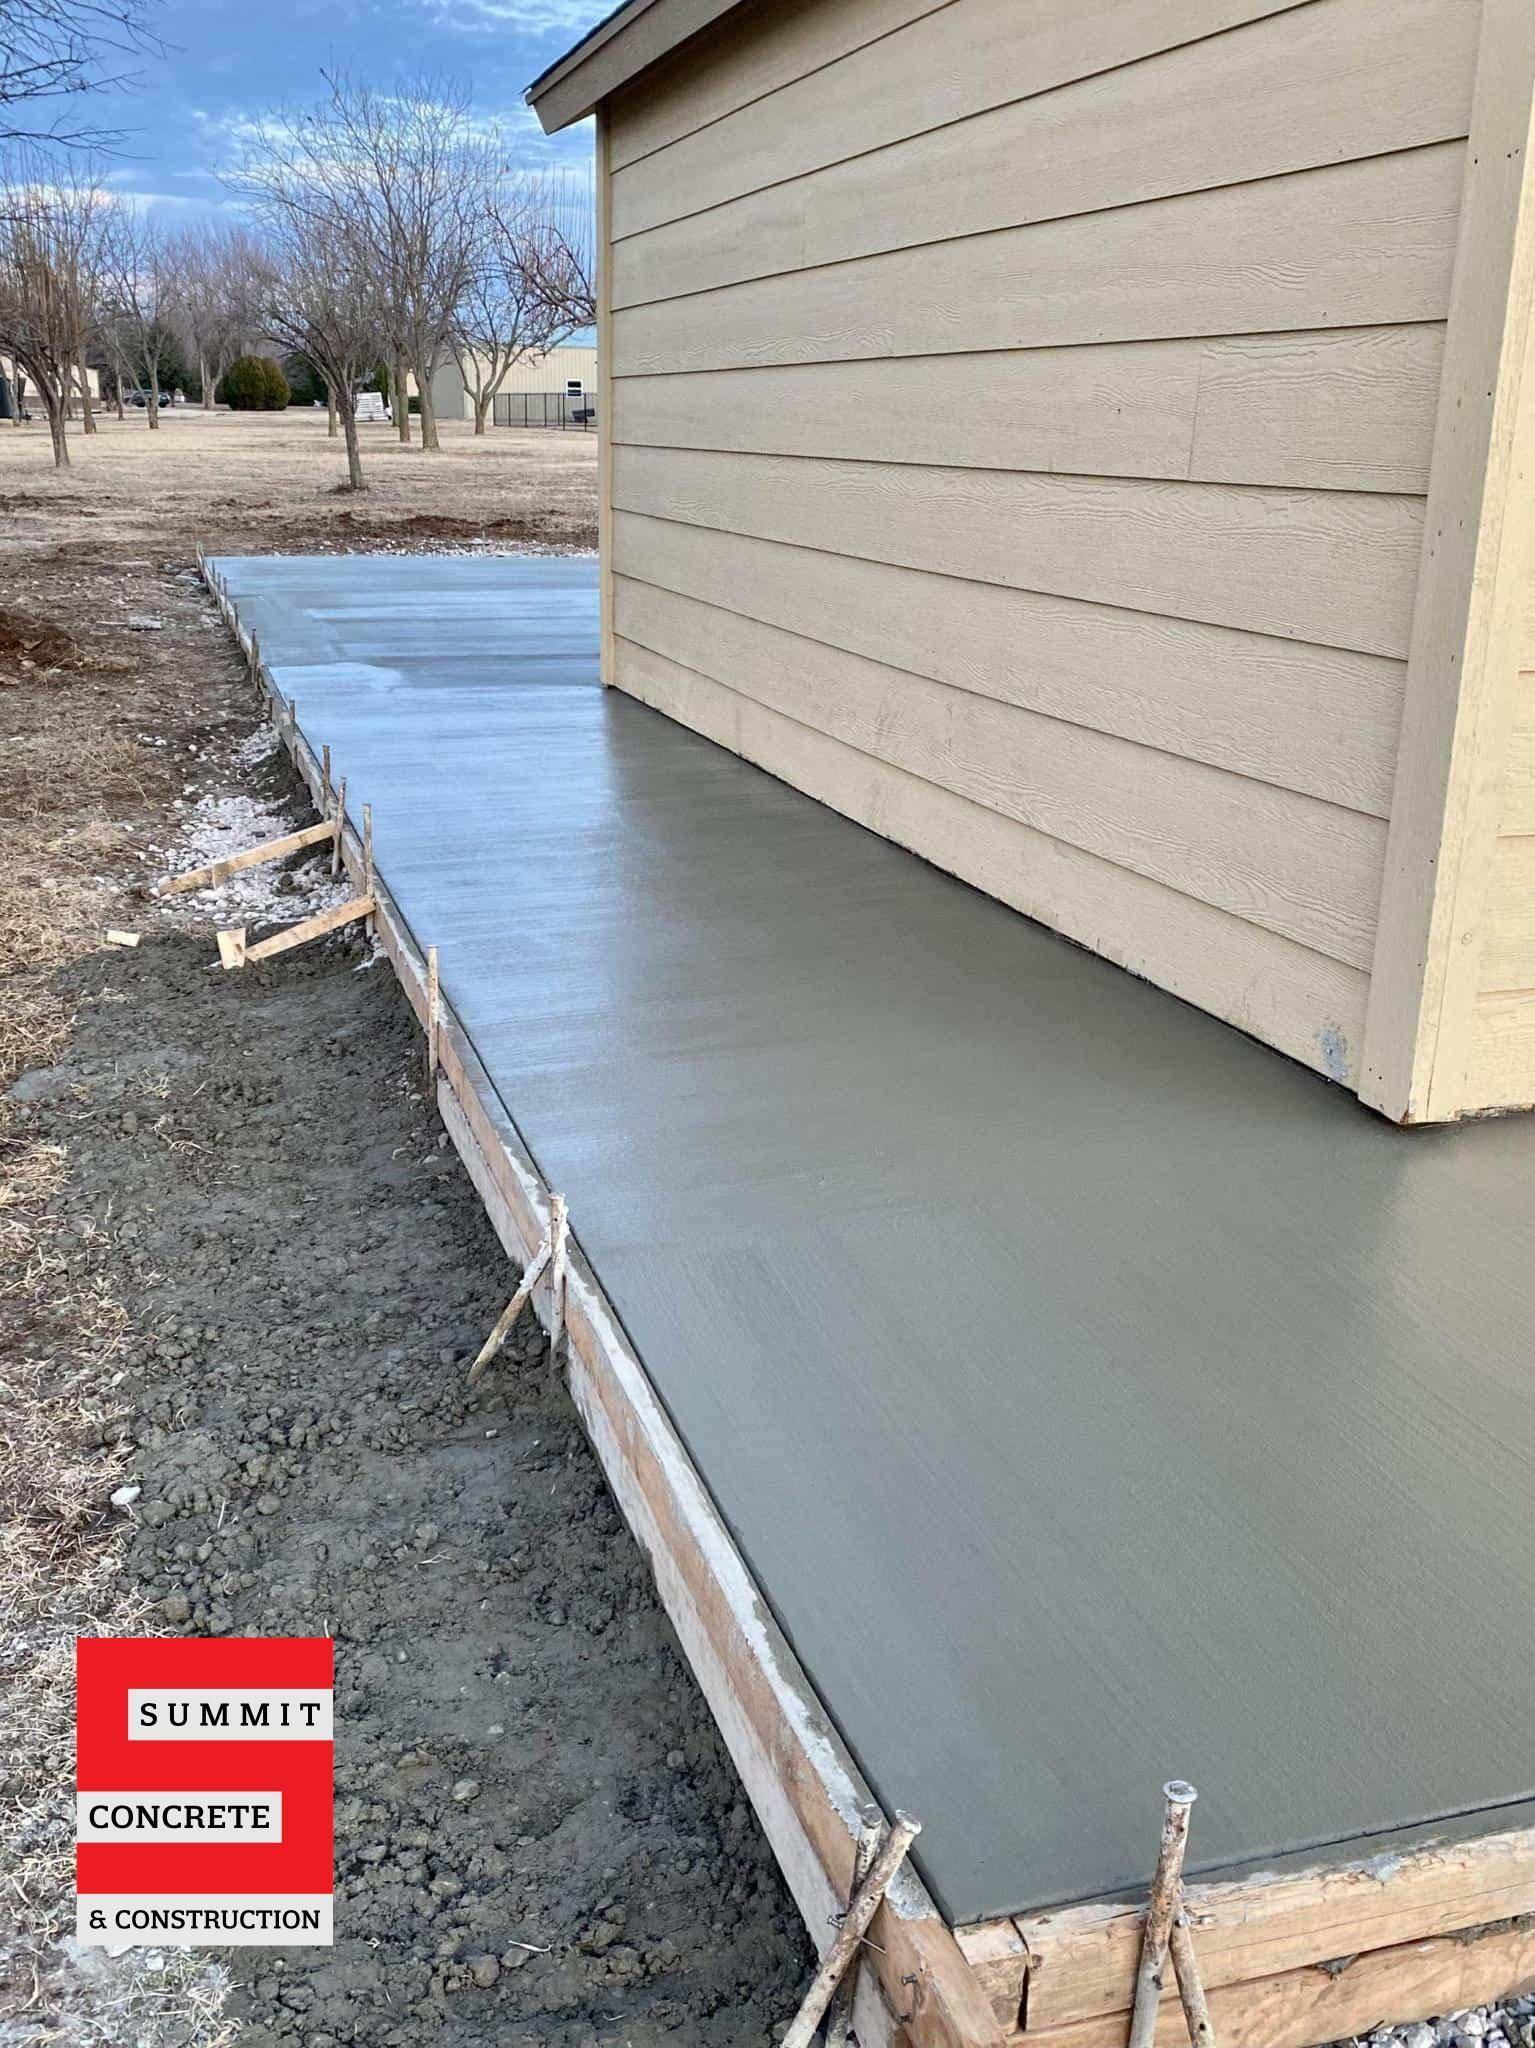 2020 12 28 Tulsa concrete sidewalk IMG 7674 scaled